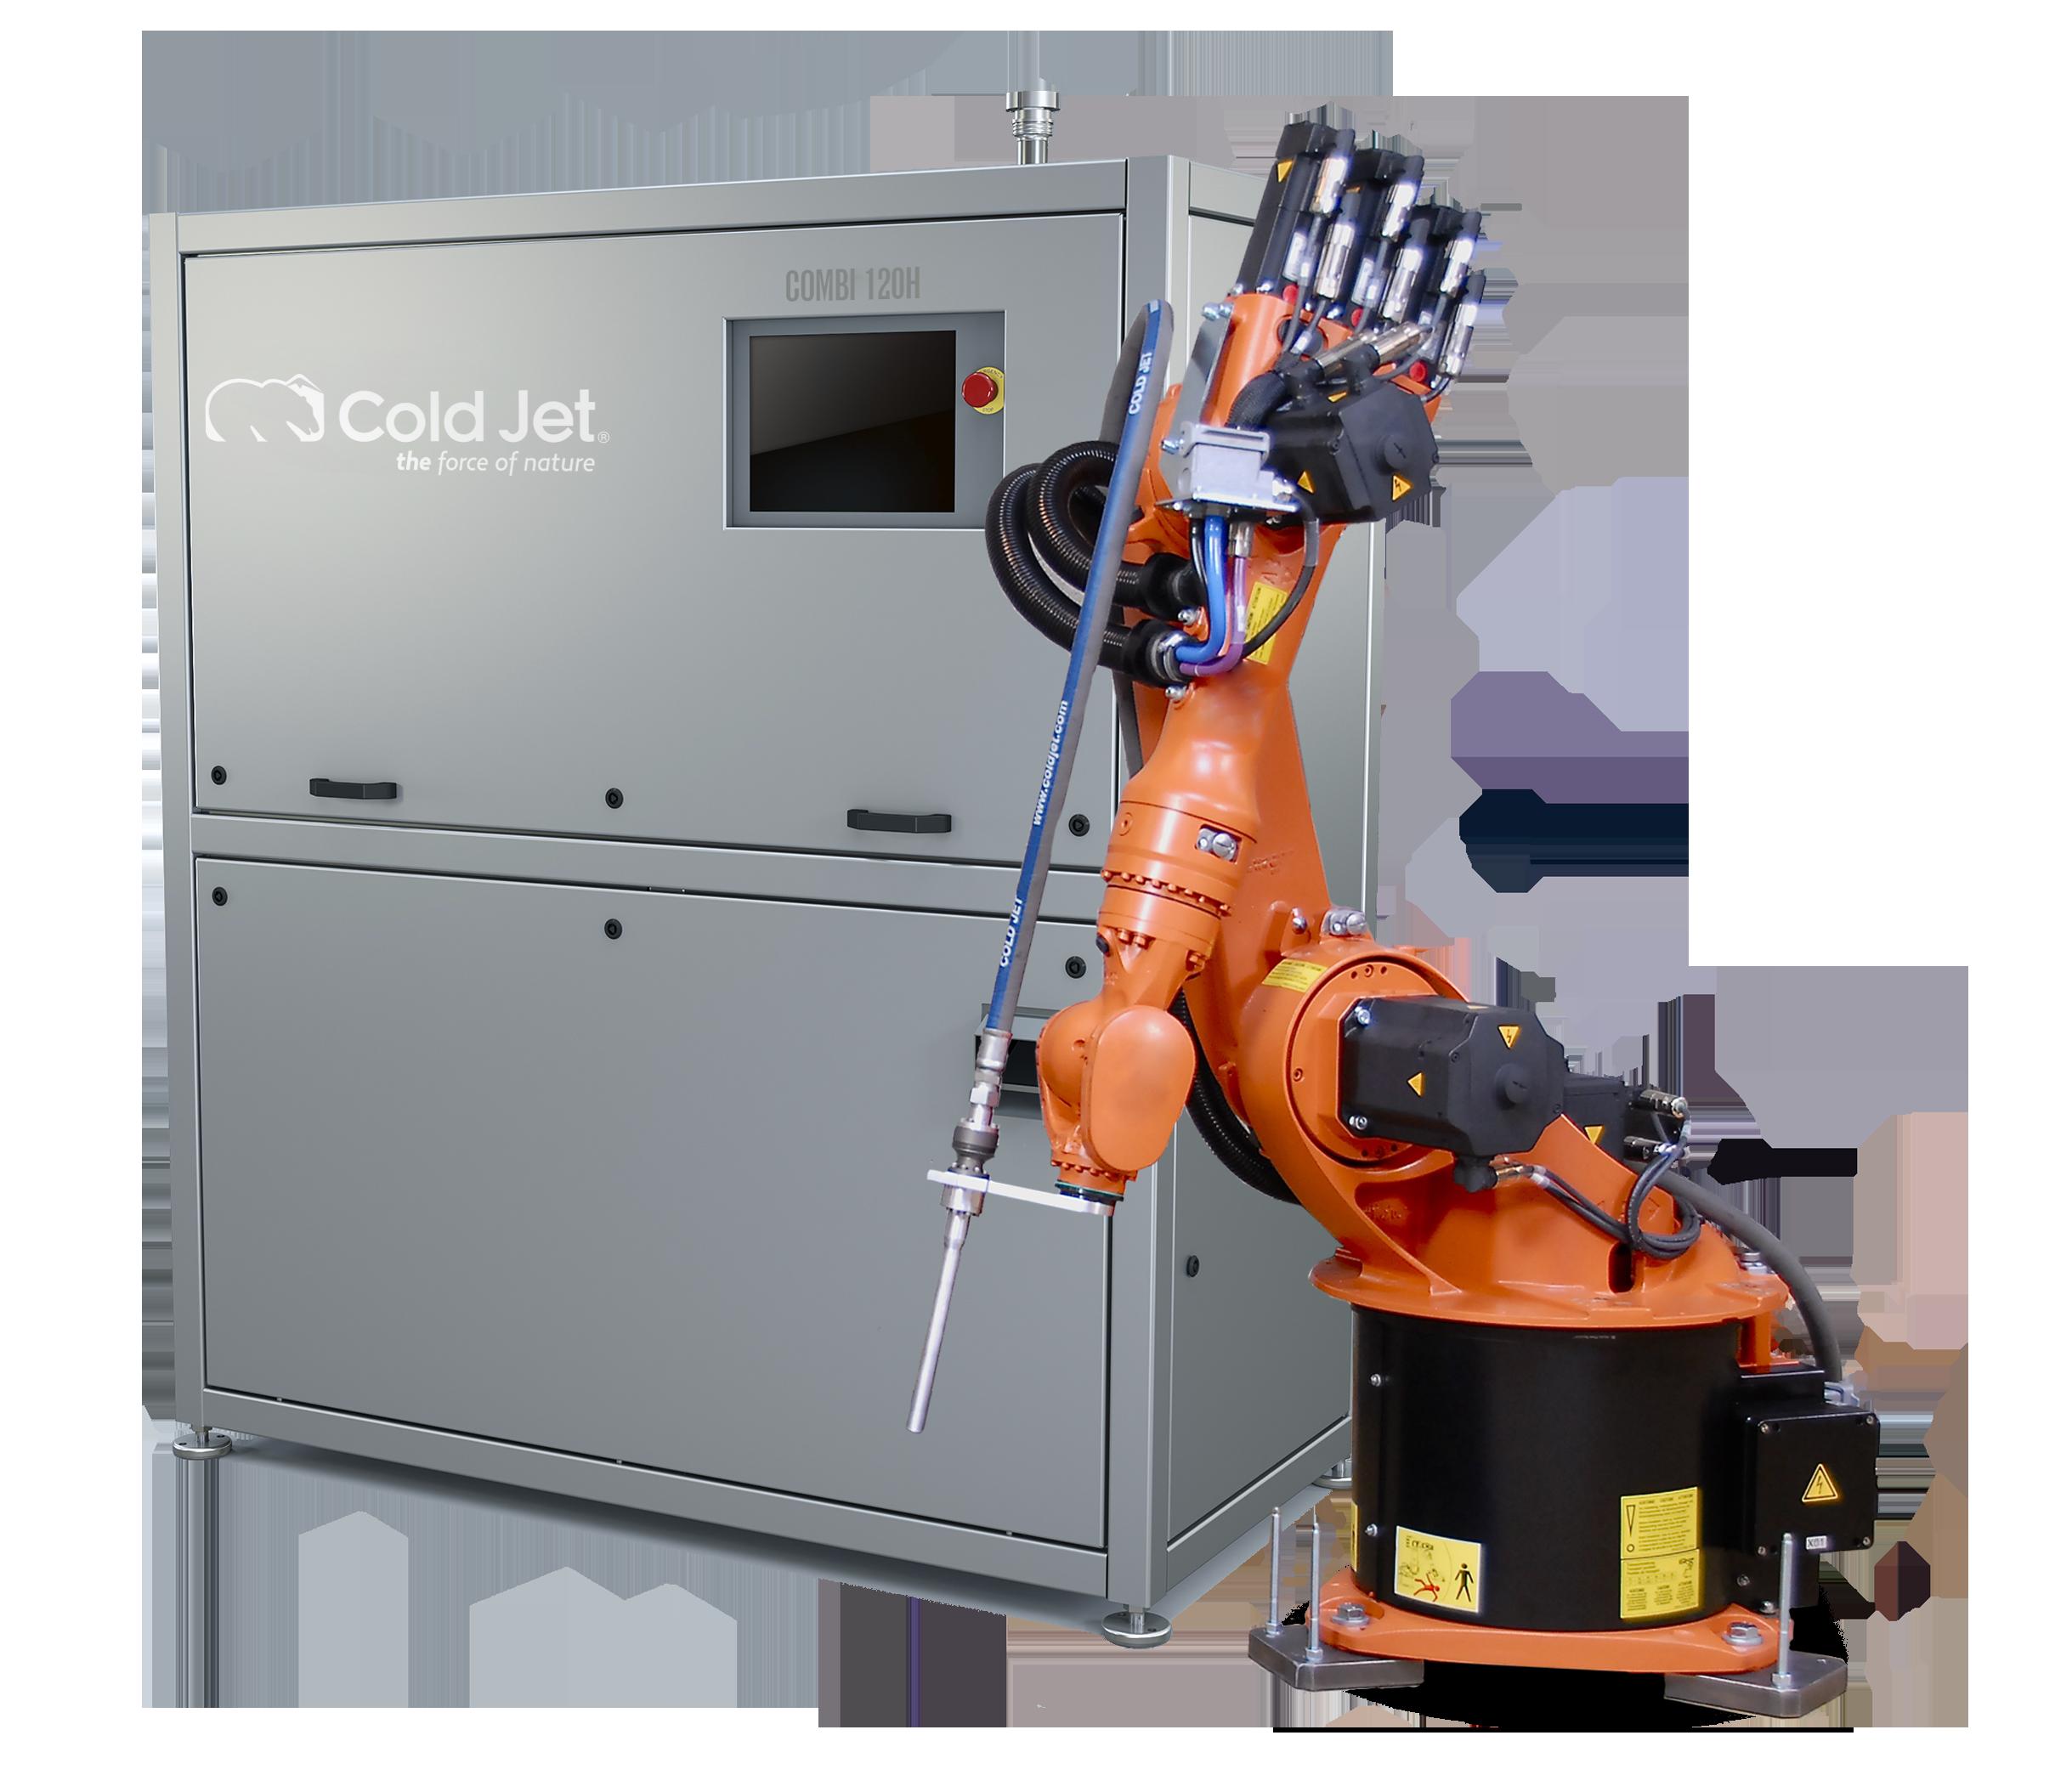 Combi120H w Robot (2)